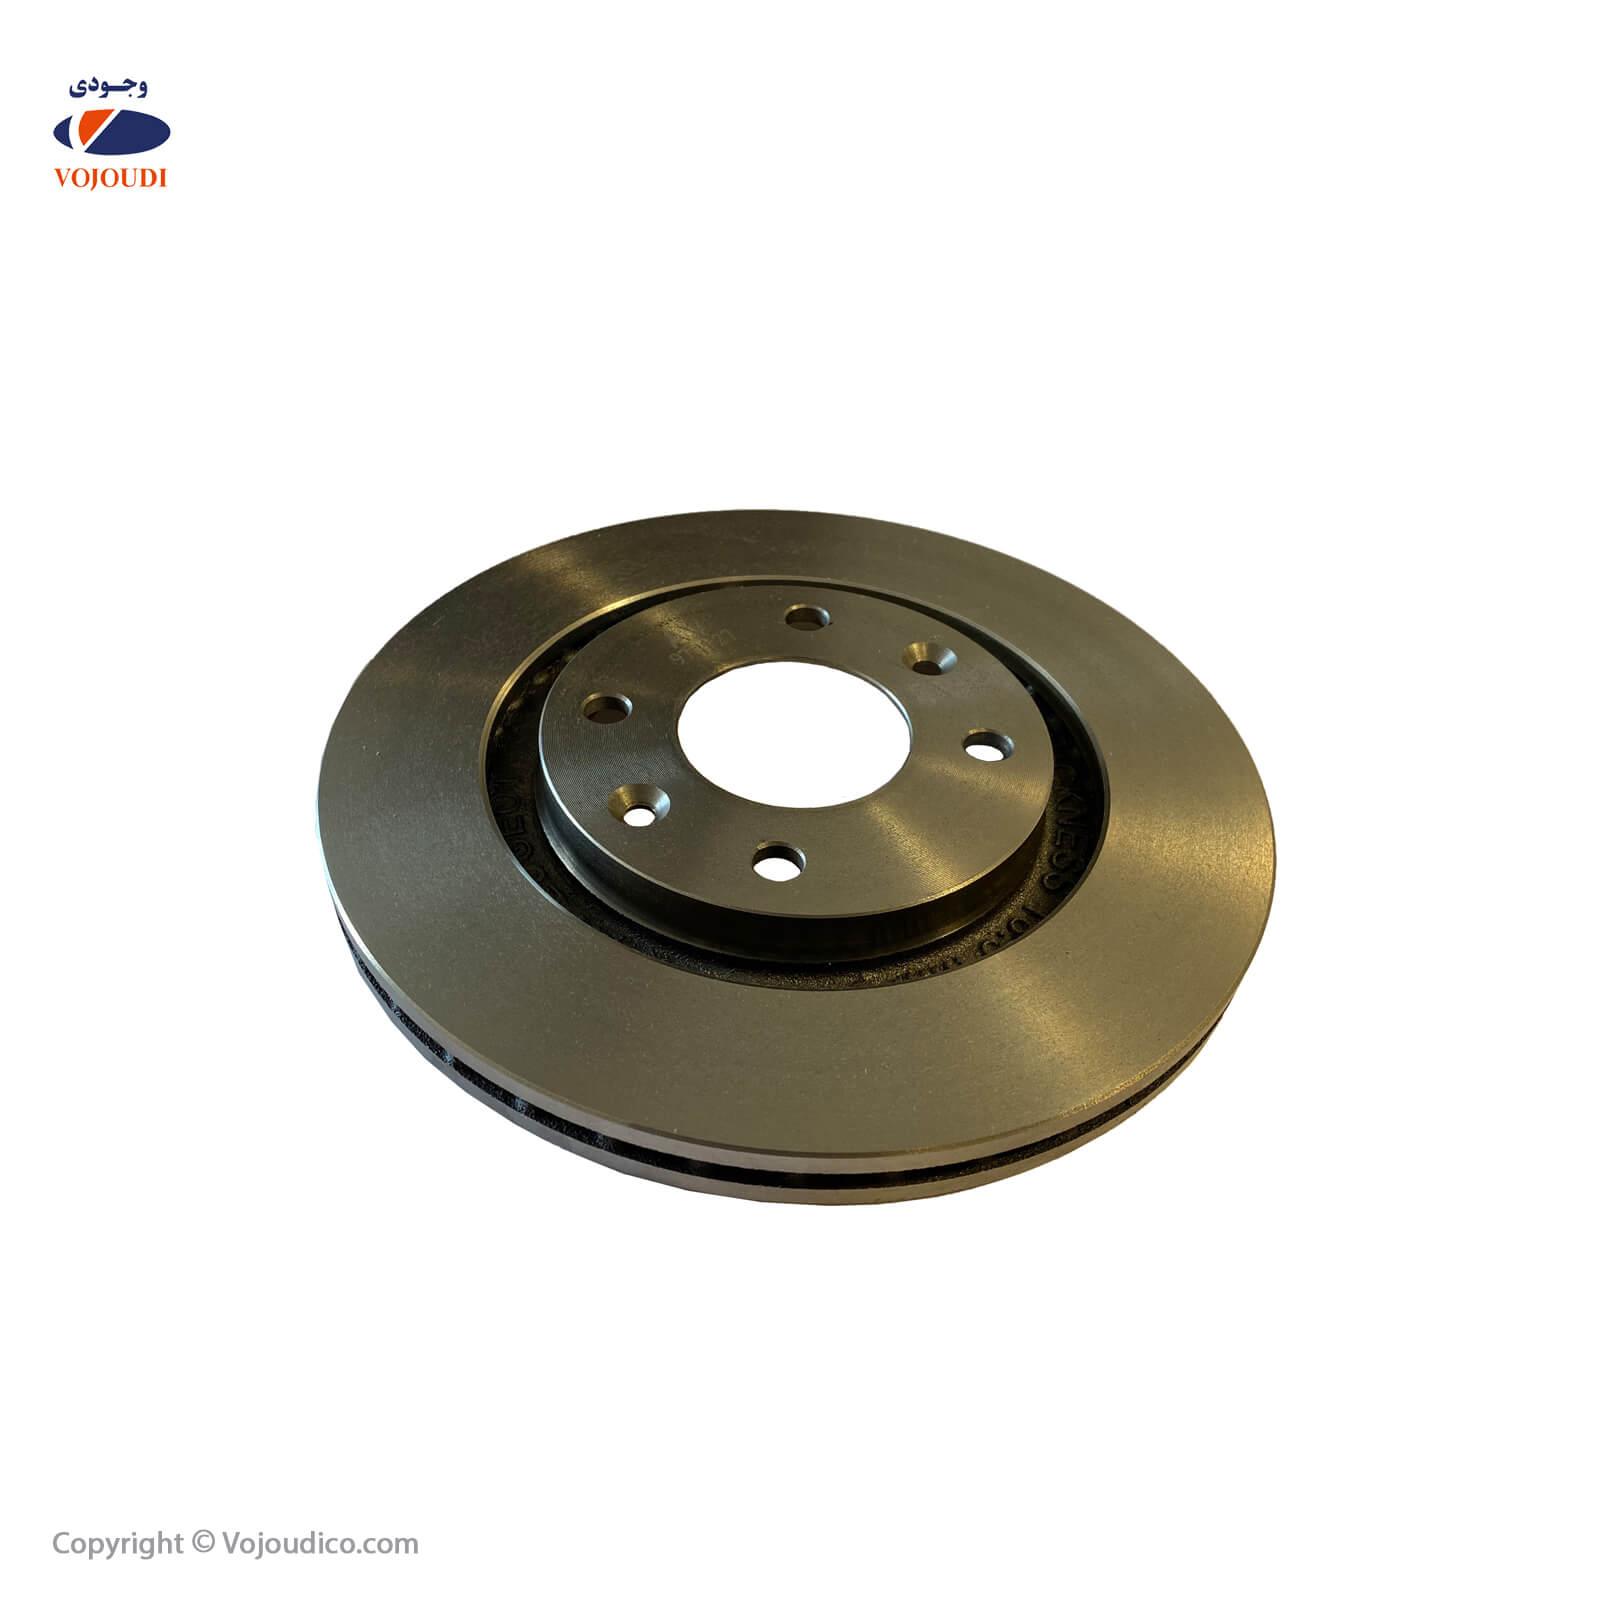 31194 1 - دیسک ترمز یا چرخ وجودی کد 31194 مناسب برای 405 ، تعداد بسته : 6 عدد